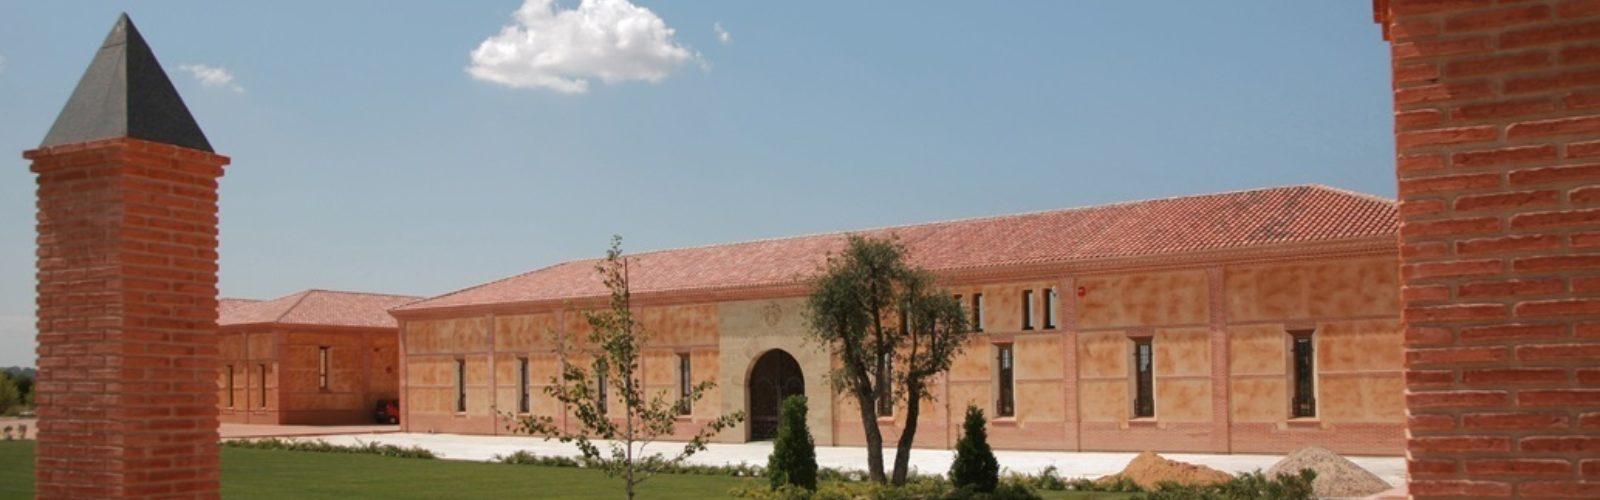 Teso-La-Monja-Foto